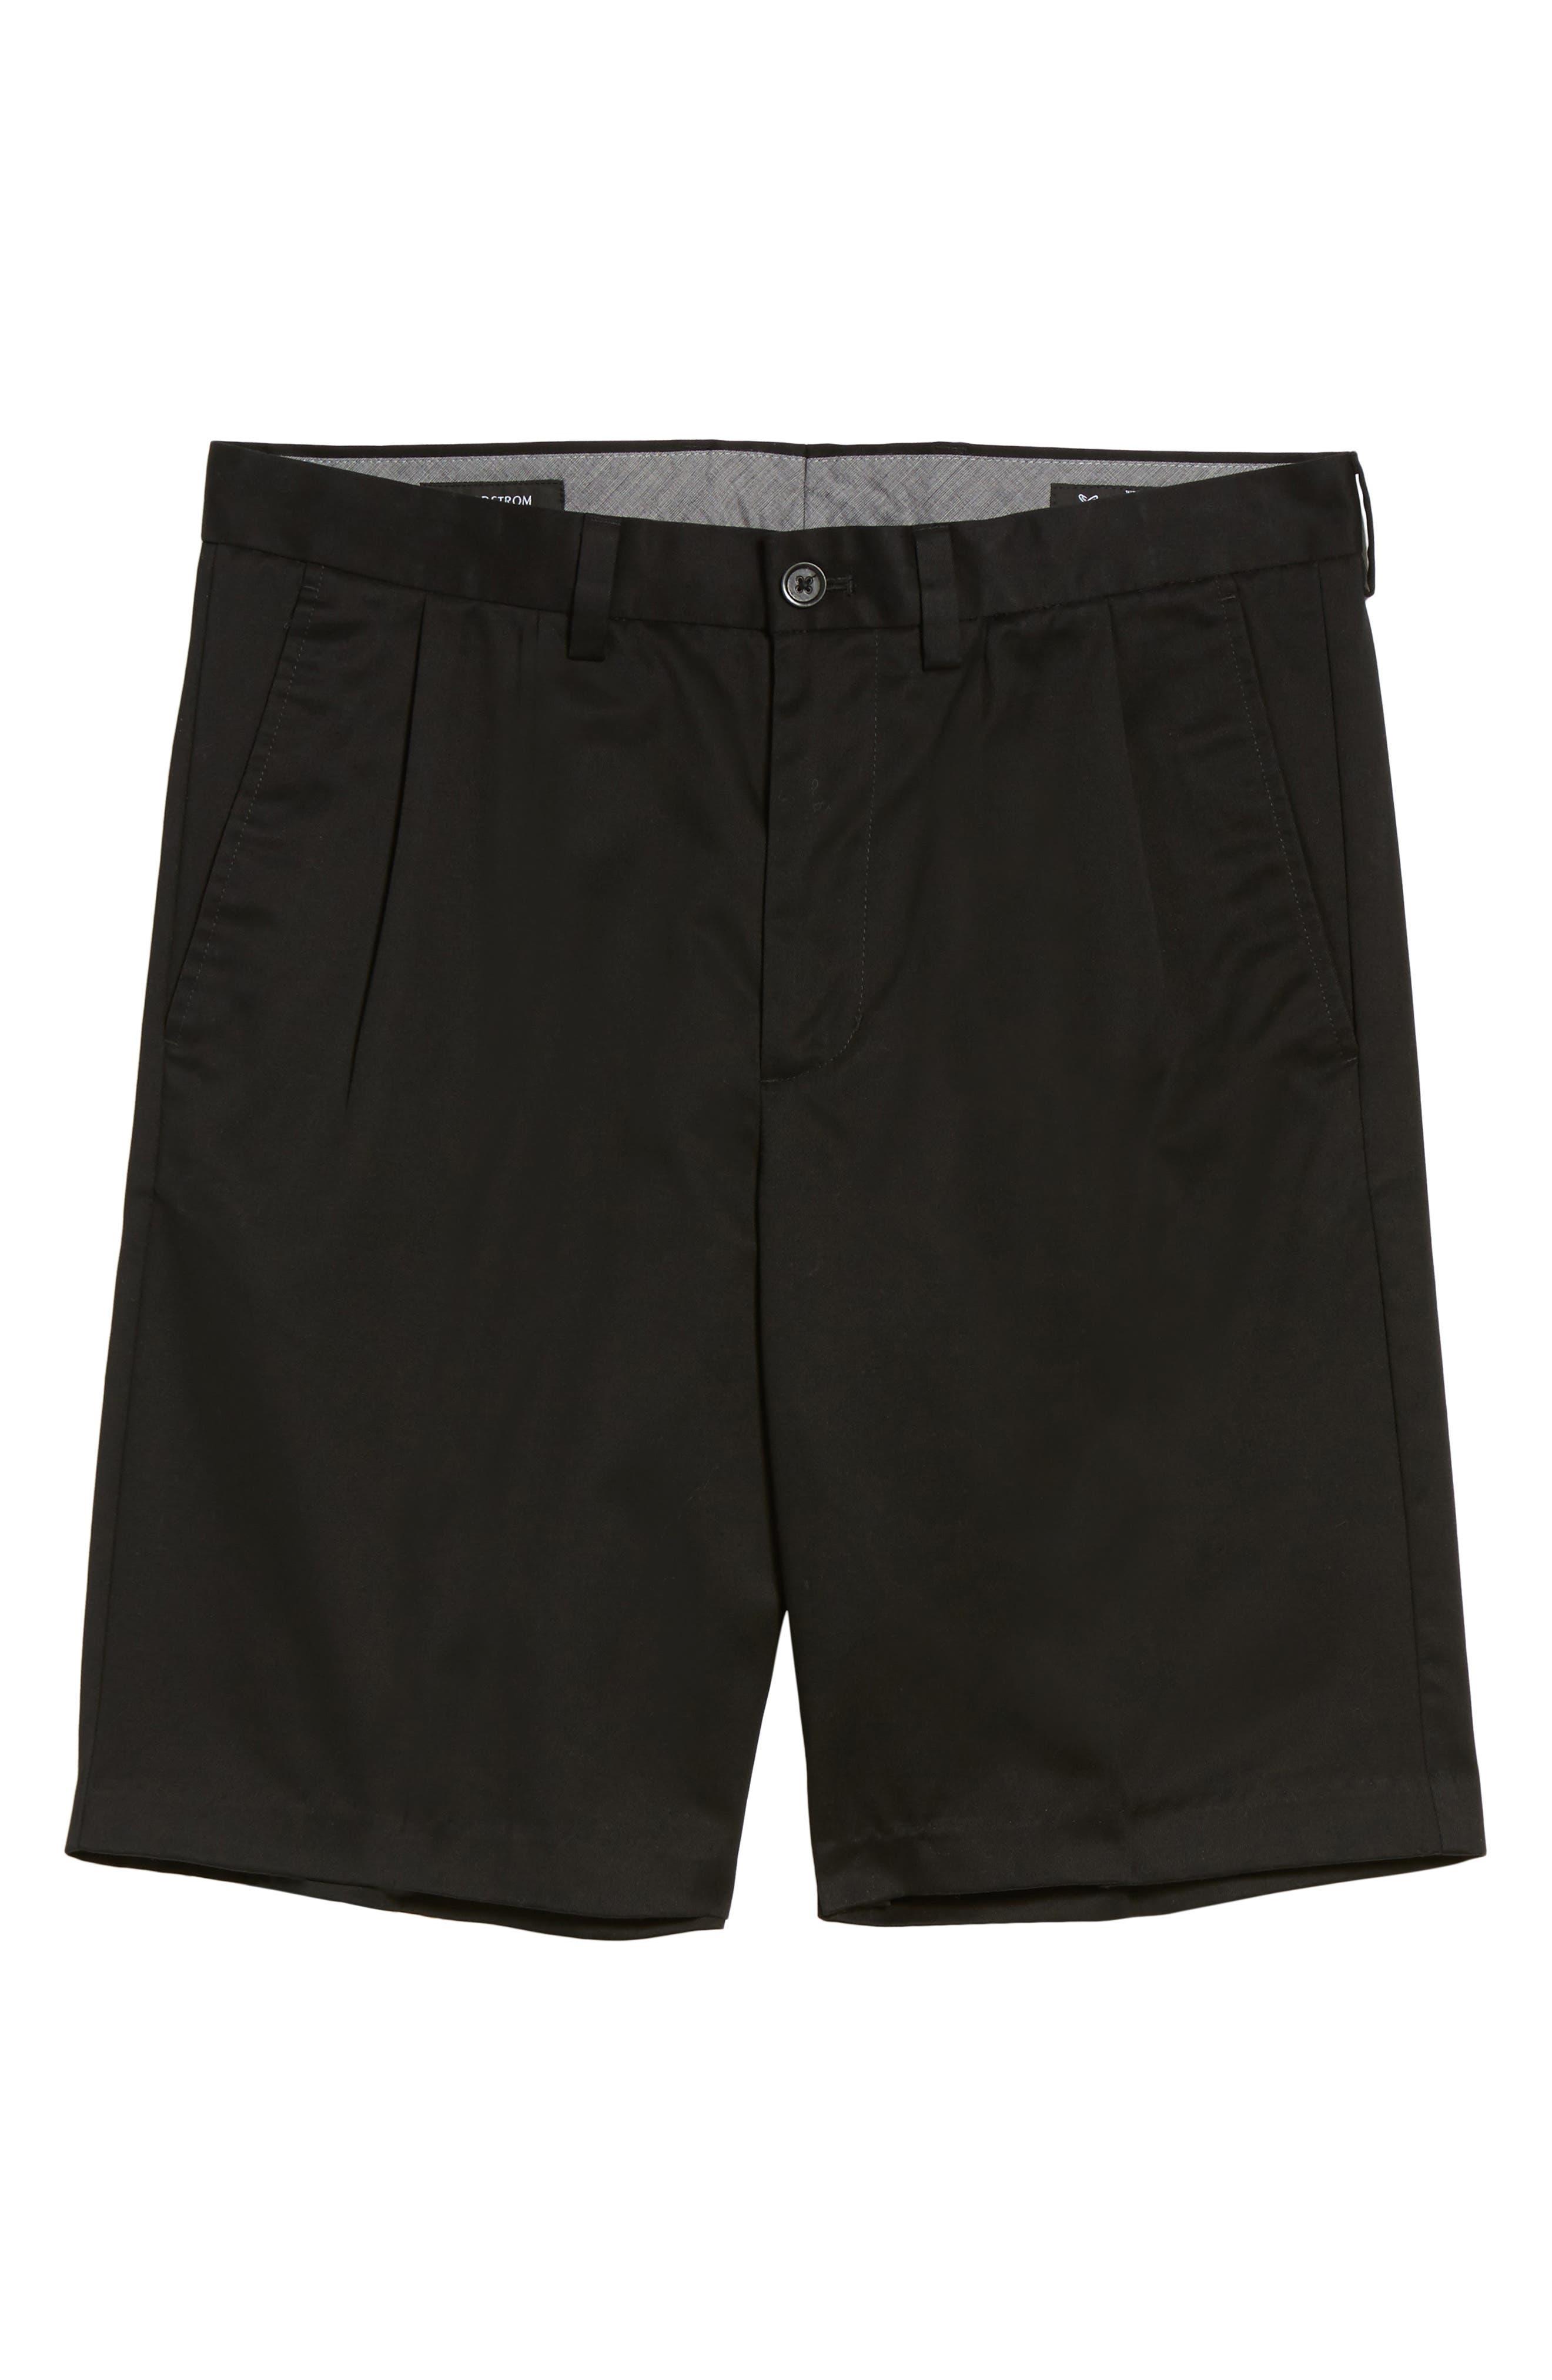 NORDSTROM MEN'S SHOP, Smartcare<sup>™</sup> Pleated Shorts, Main thumbnail 1, color, BLACK